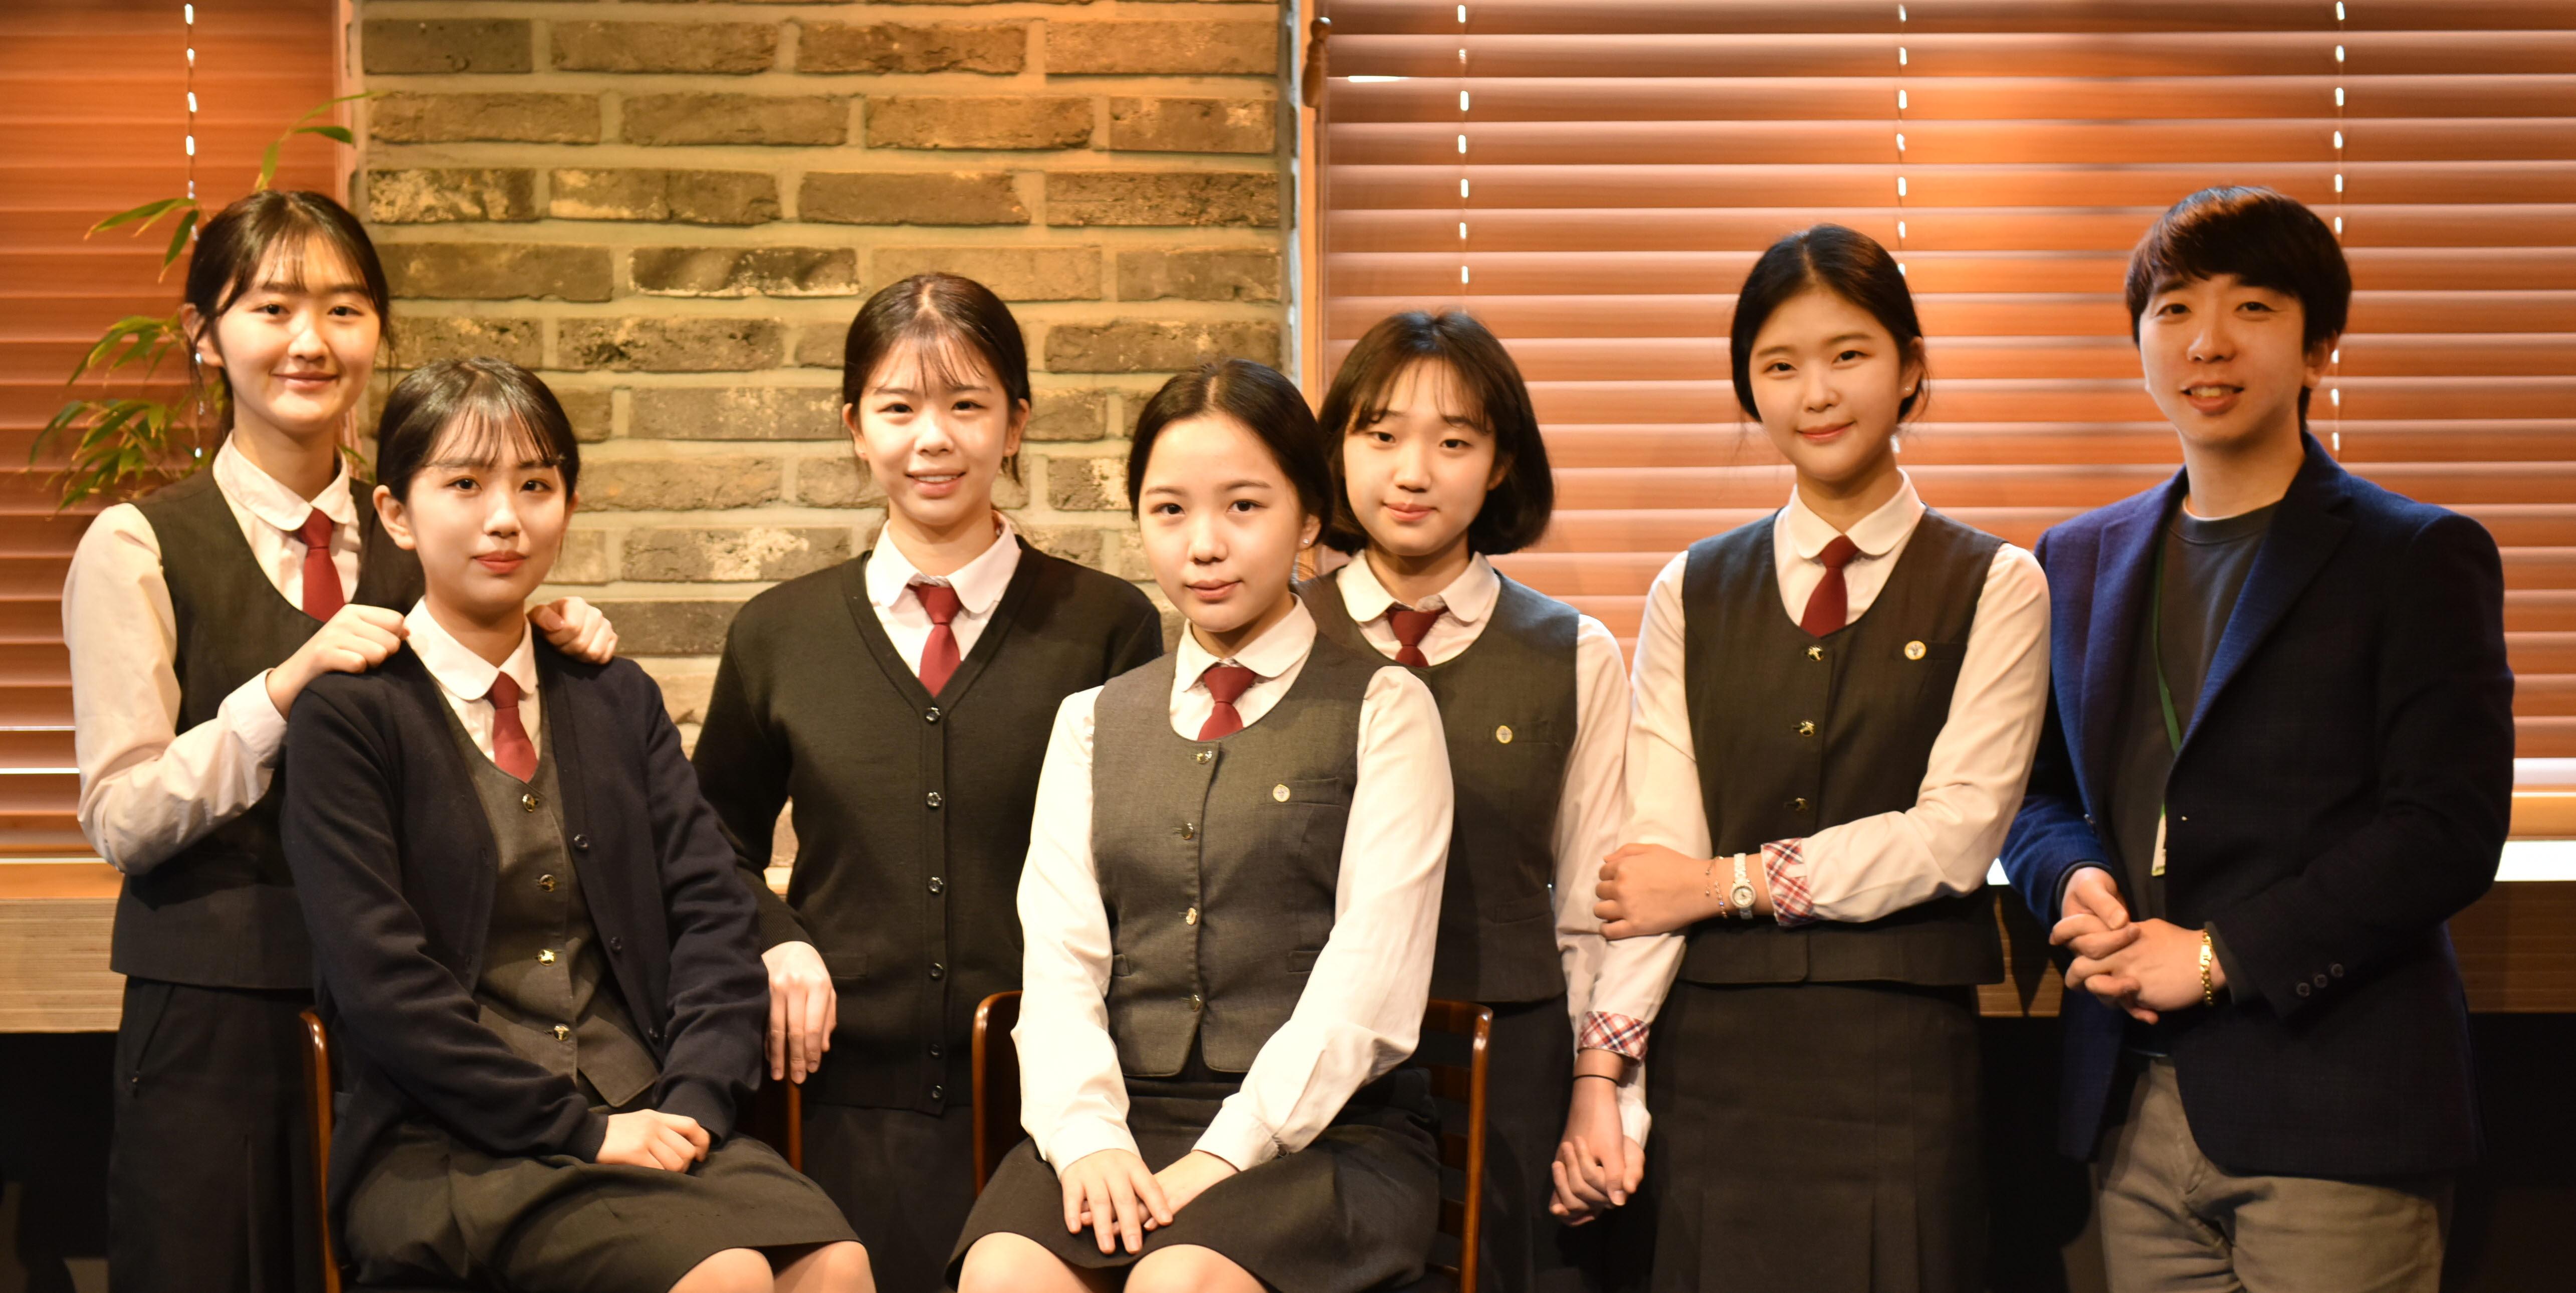 [광주]광주교육청, 광주 직업계고 재학생 18명 지역인재 9급 수습직원(국가직) 공무원 최종 합격